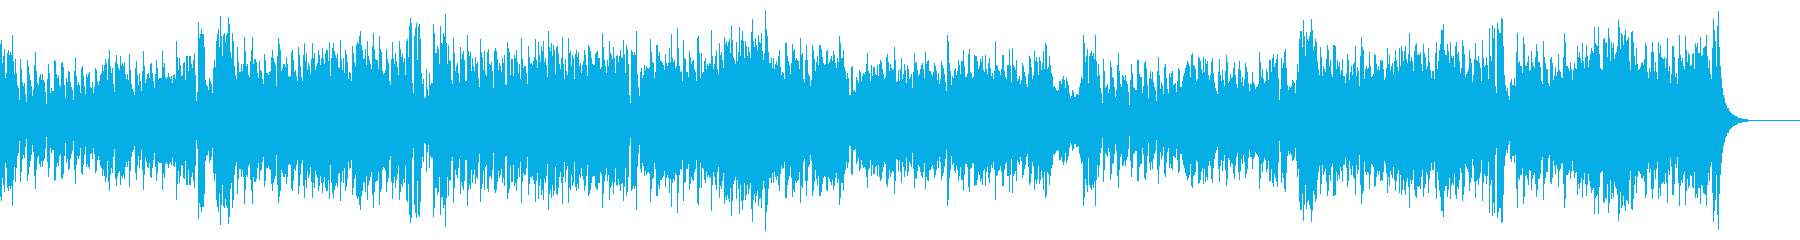 サックスとピアノの爽やかな4つ打ち曲の再生済みの波形